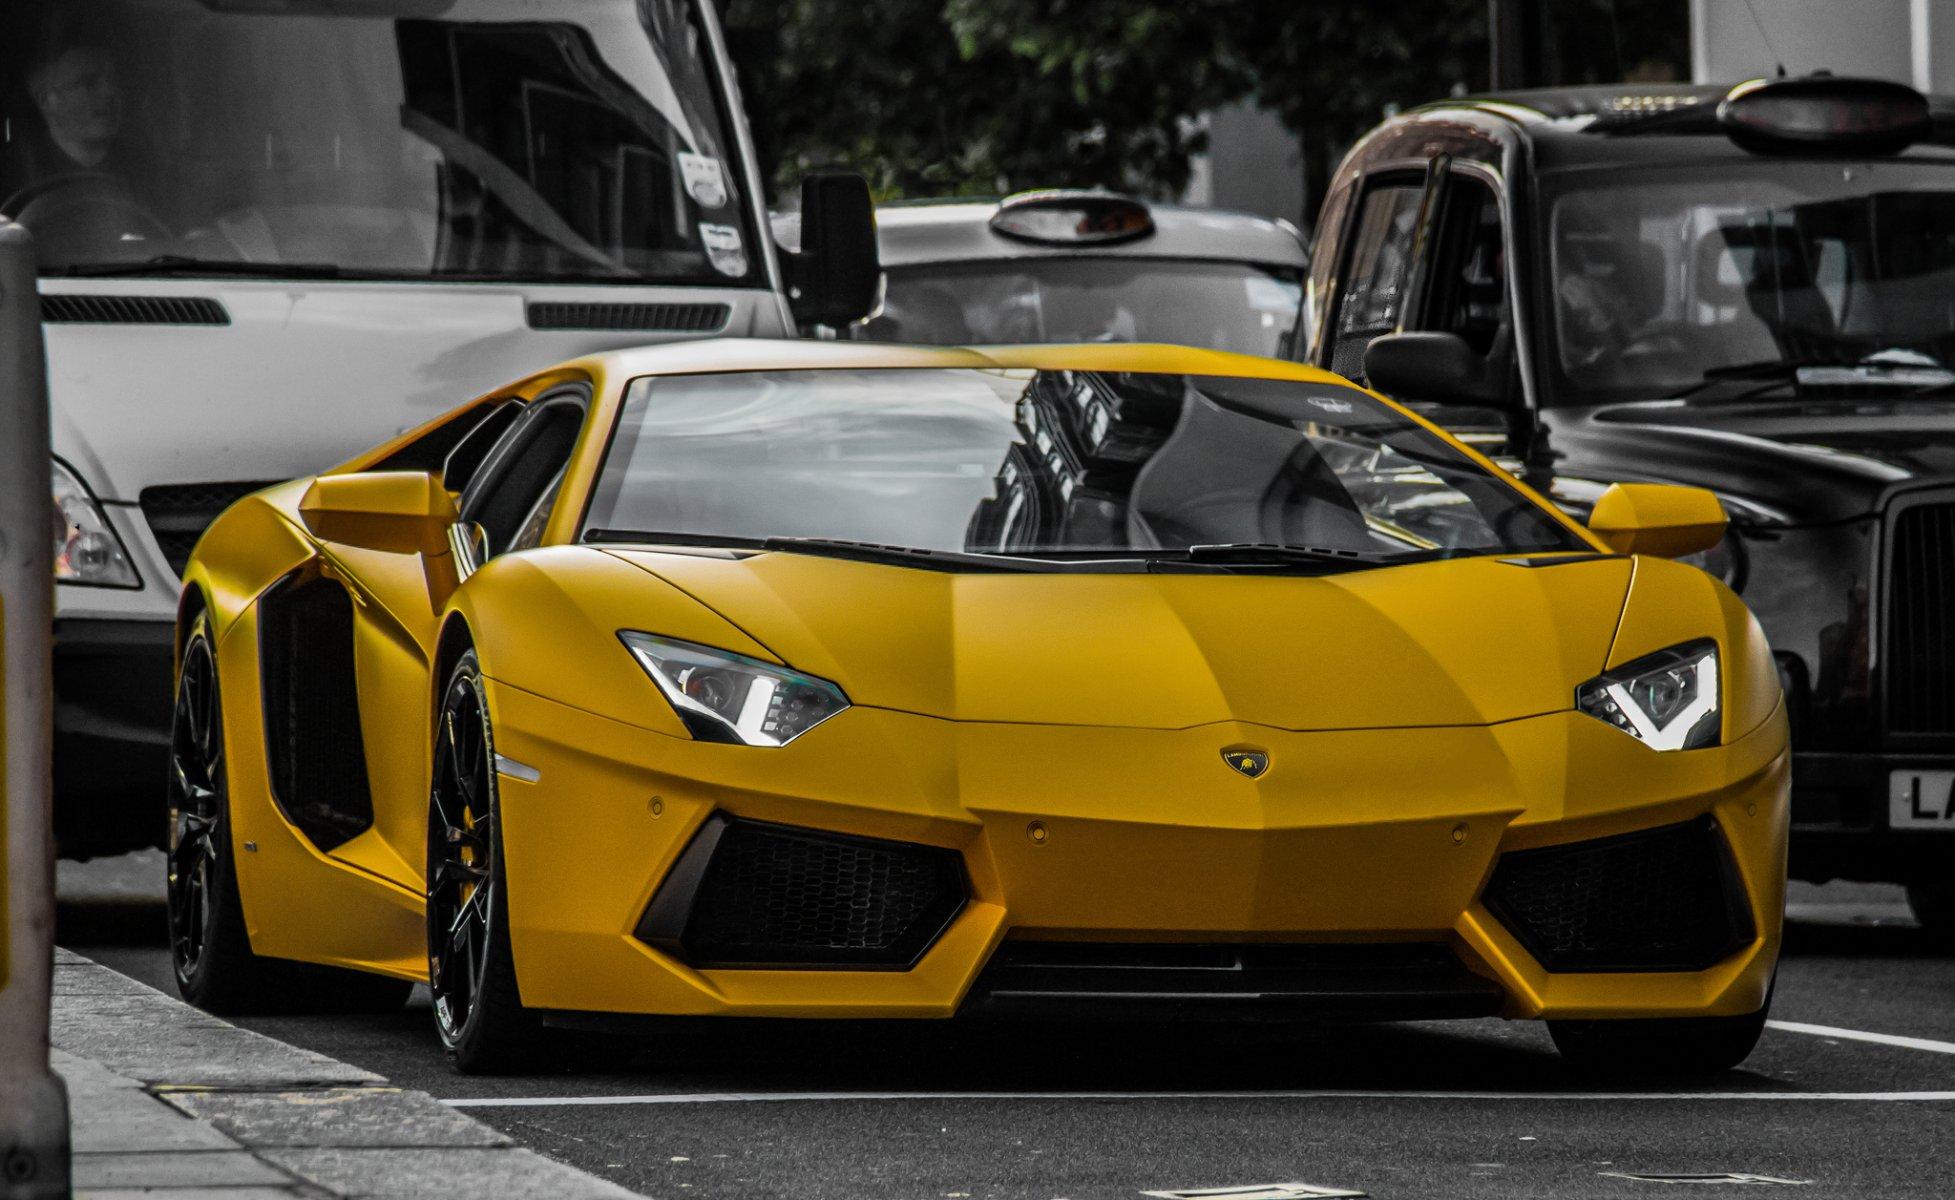 желтый спортивный автомобиль Lamborghini Aventador yellow sports car скачать